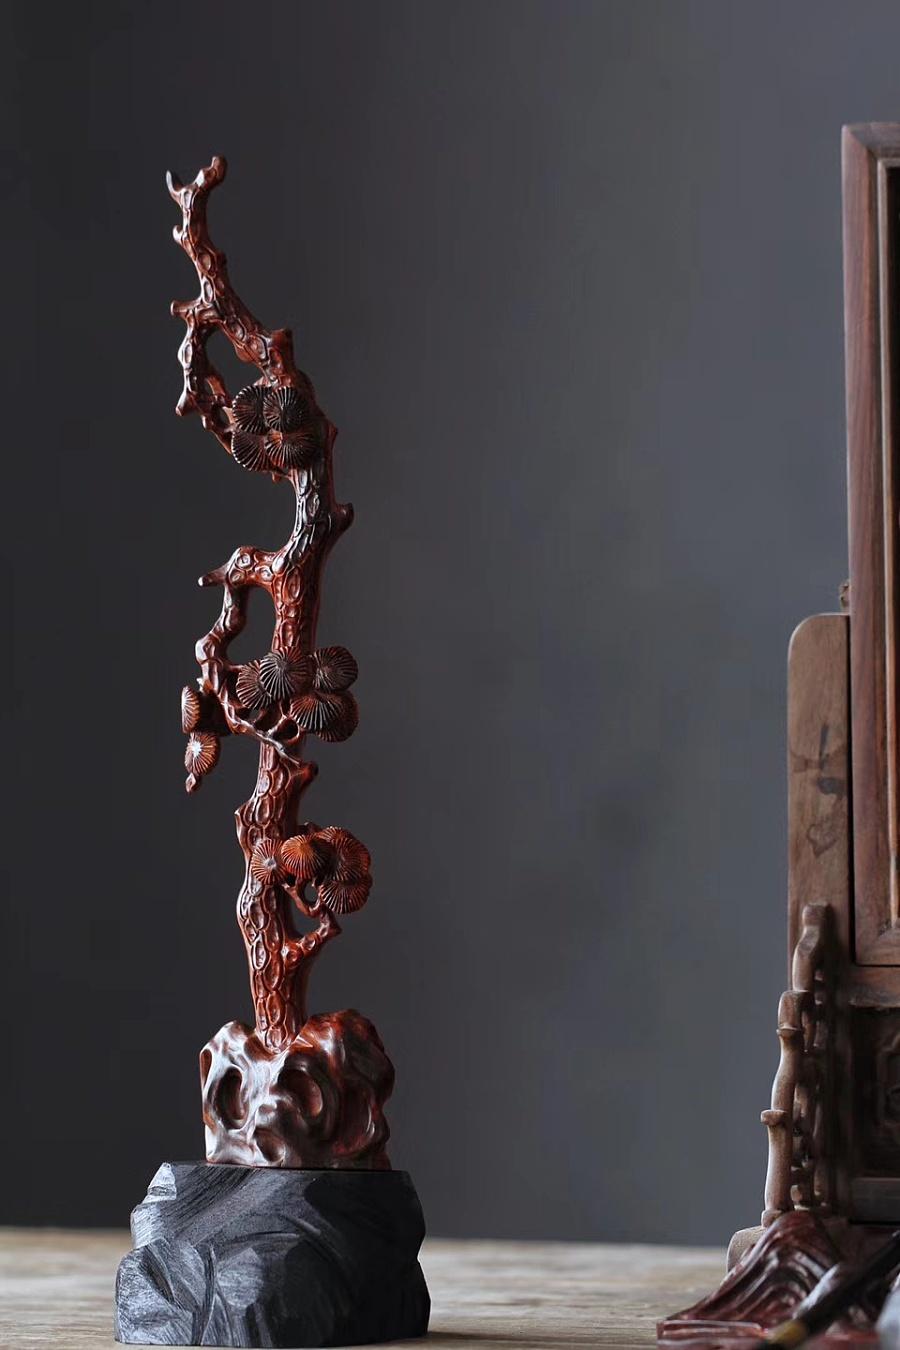 查看《松树笔挂》原图,原图尺寸:960x1440